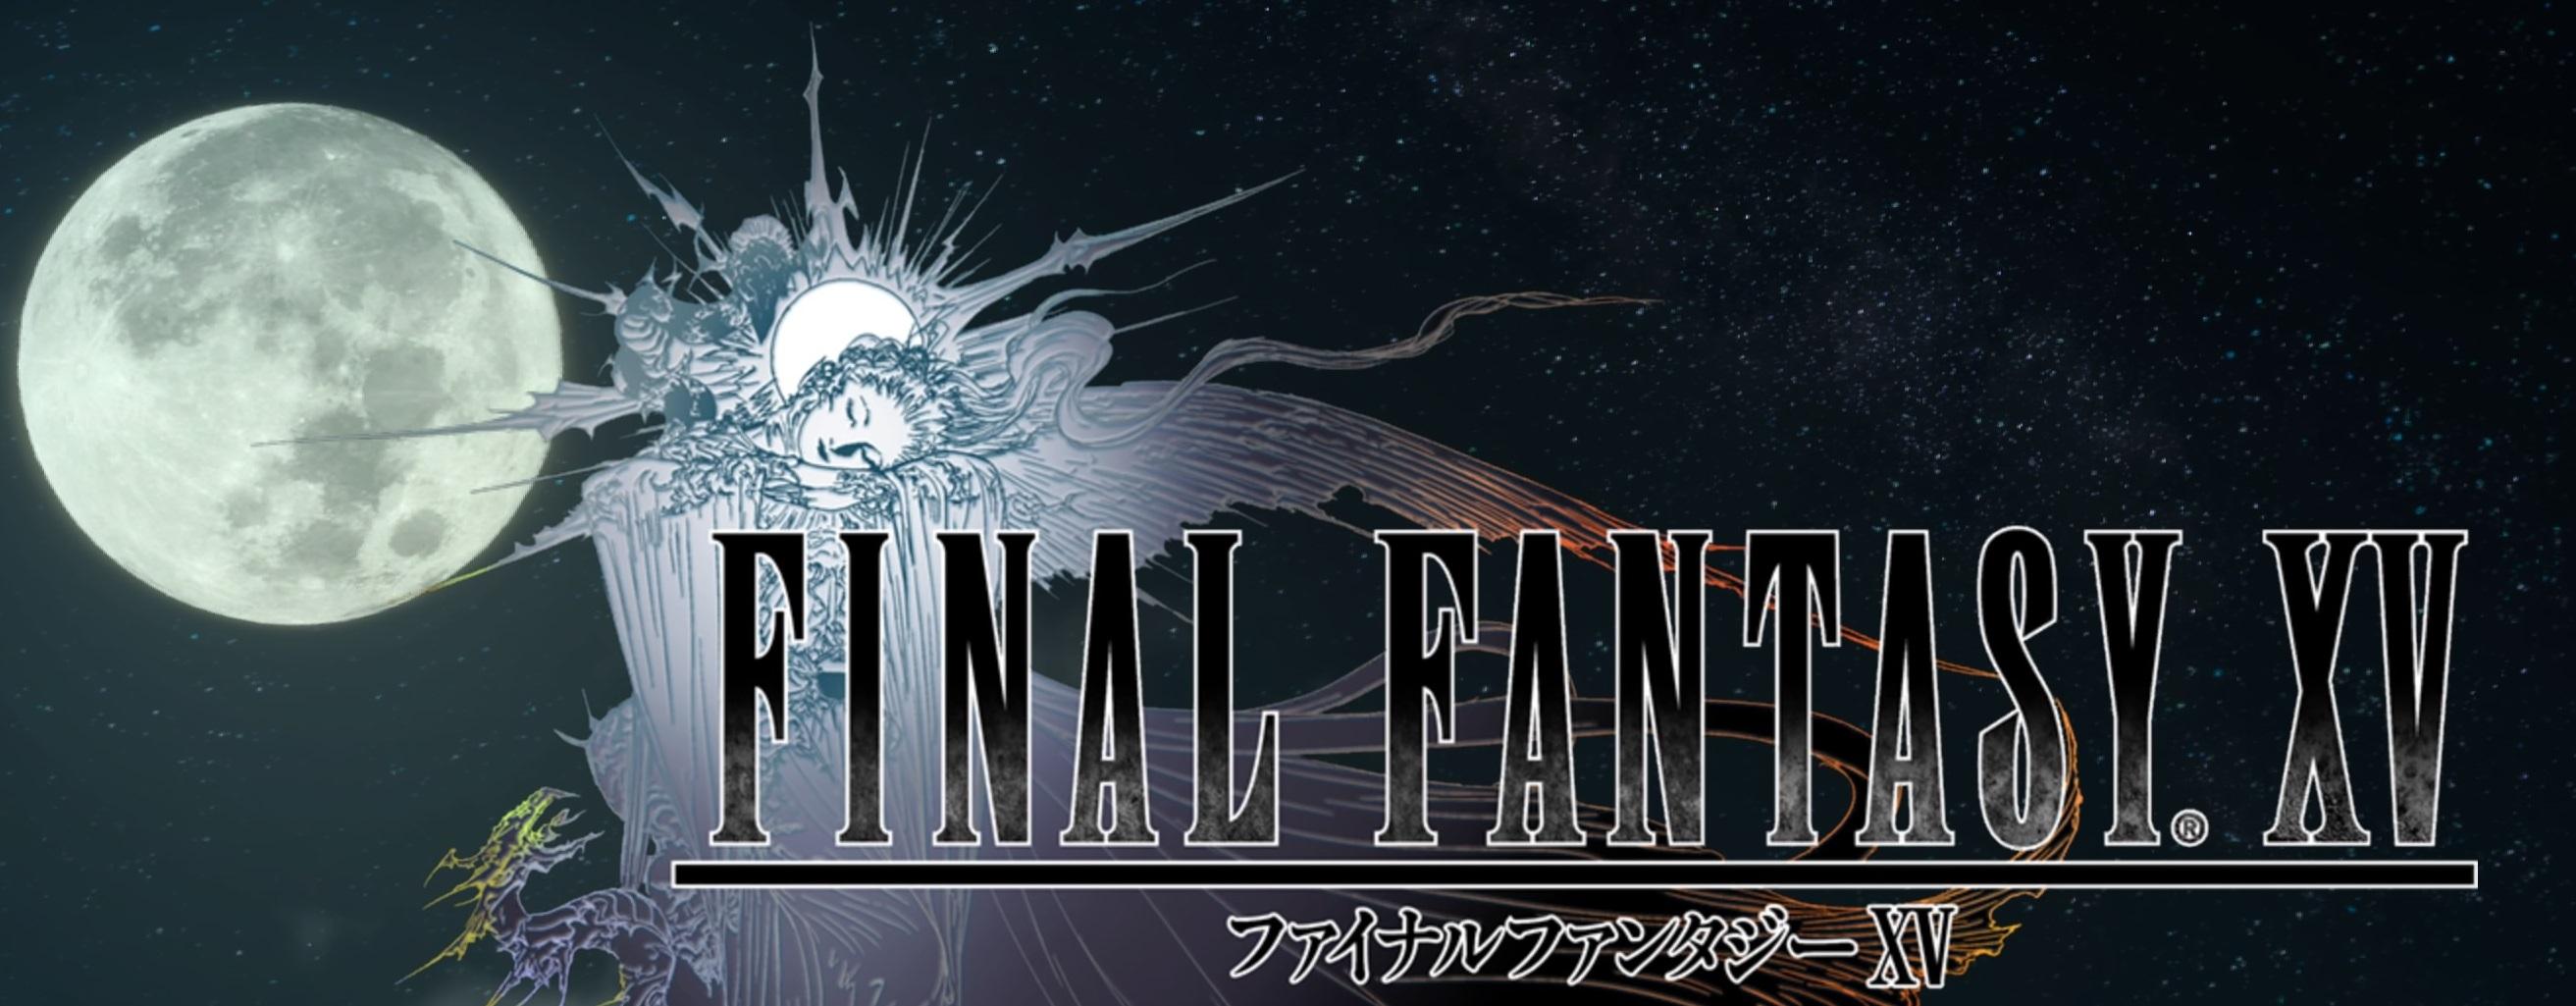 ファイナルファンタジー15 FinalFantasyXV 攻略 アイテム MAP マップ ダンジョン